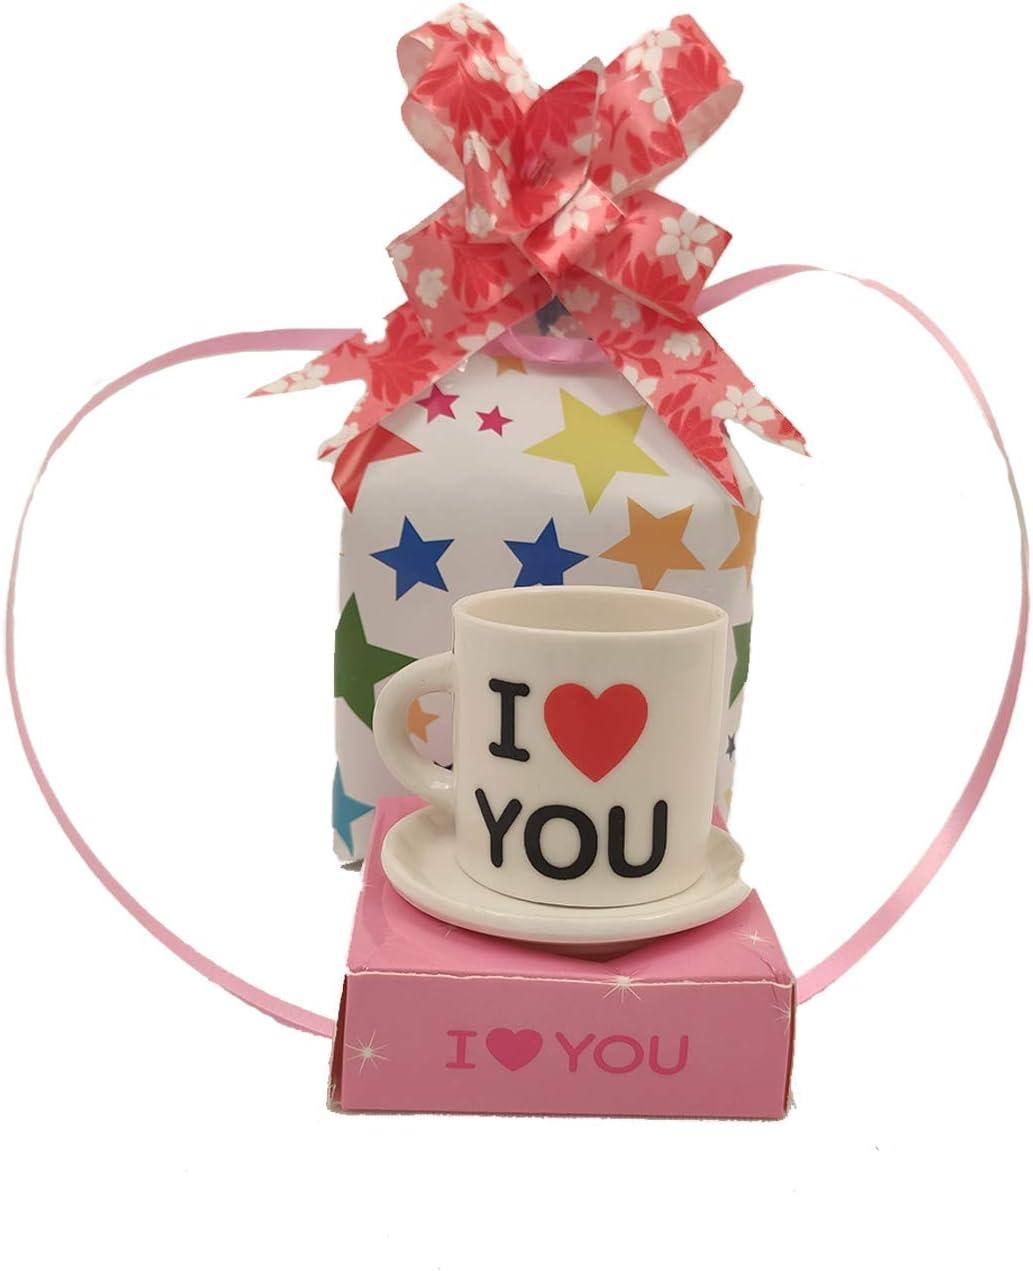 Whopper TE Amo Impreso Tazas de café de cerámica Regalos para Navidad Año Nuevo para Pareja Regalos extravagantes para Esposo Esposa, mamá, papá y Novia y Novio